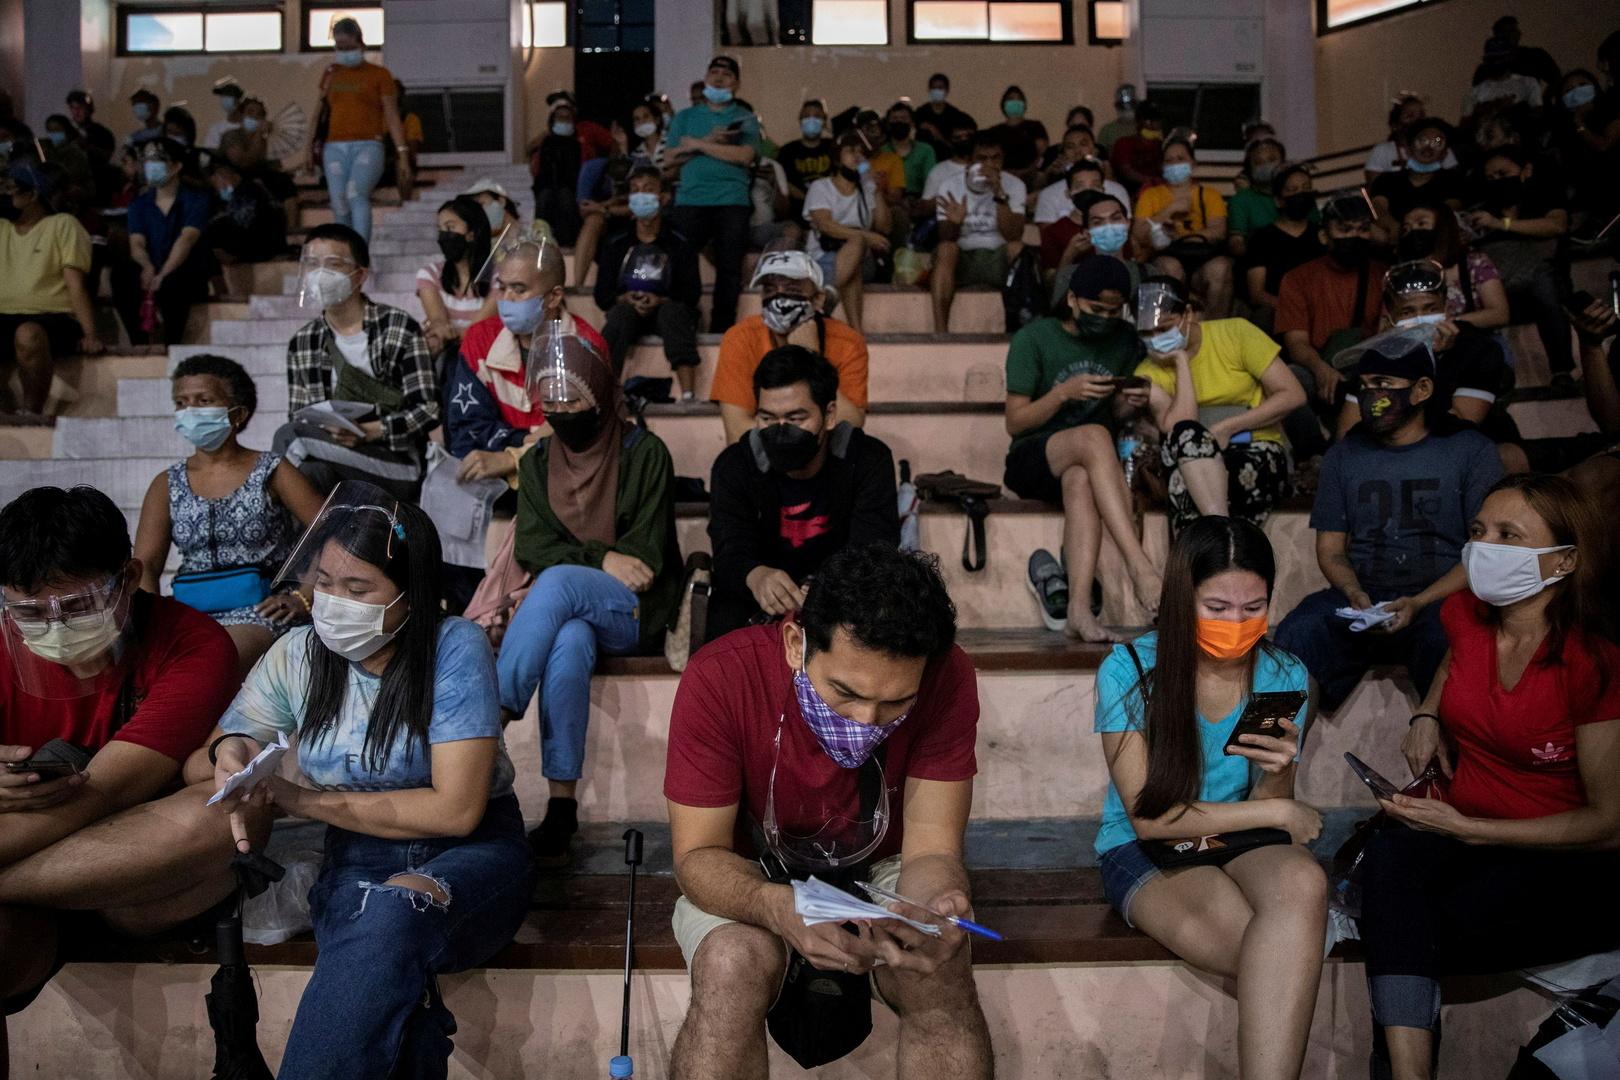 الفلبين تقرر منع دخول المسافرين من ماليزيا وتايلاند للحد من انتشار سلالة دلتا